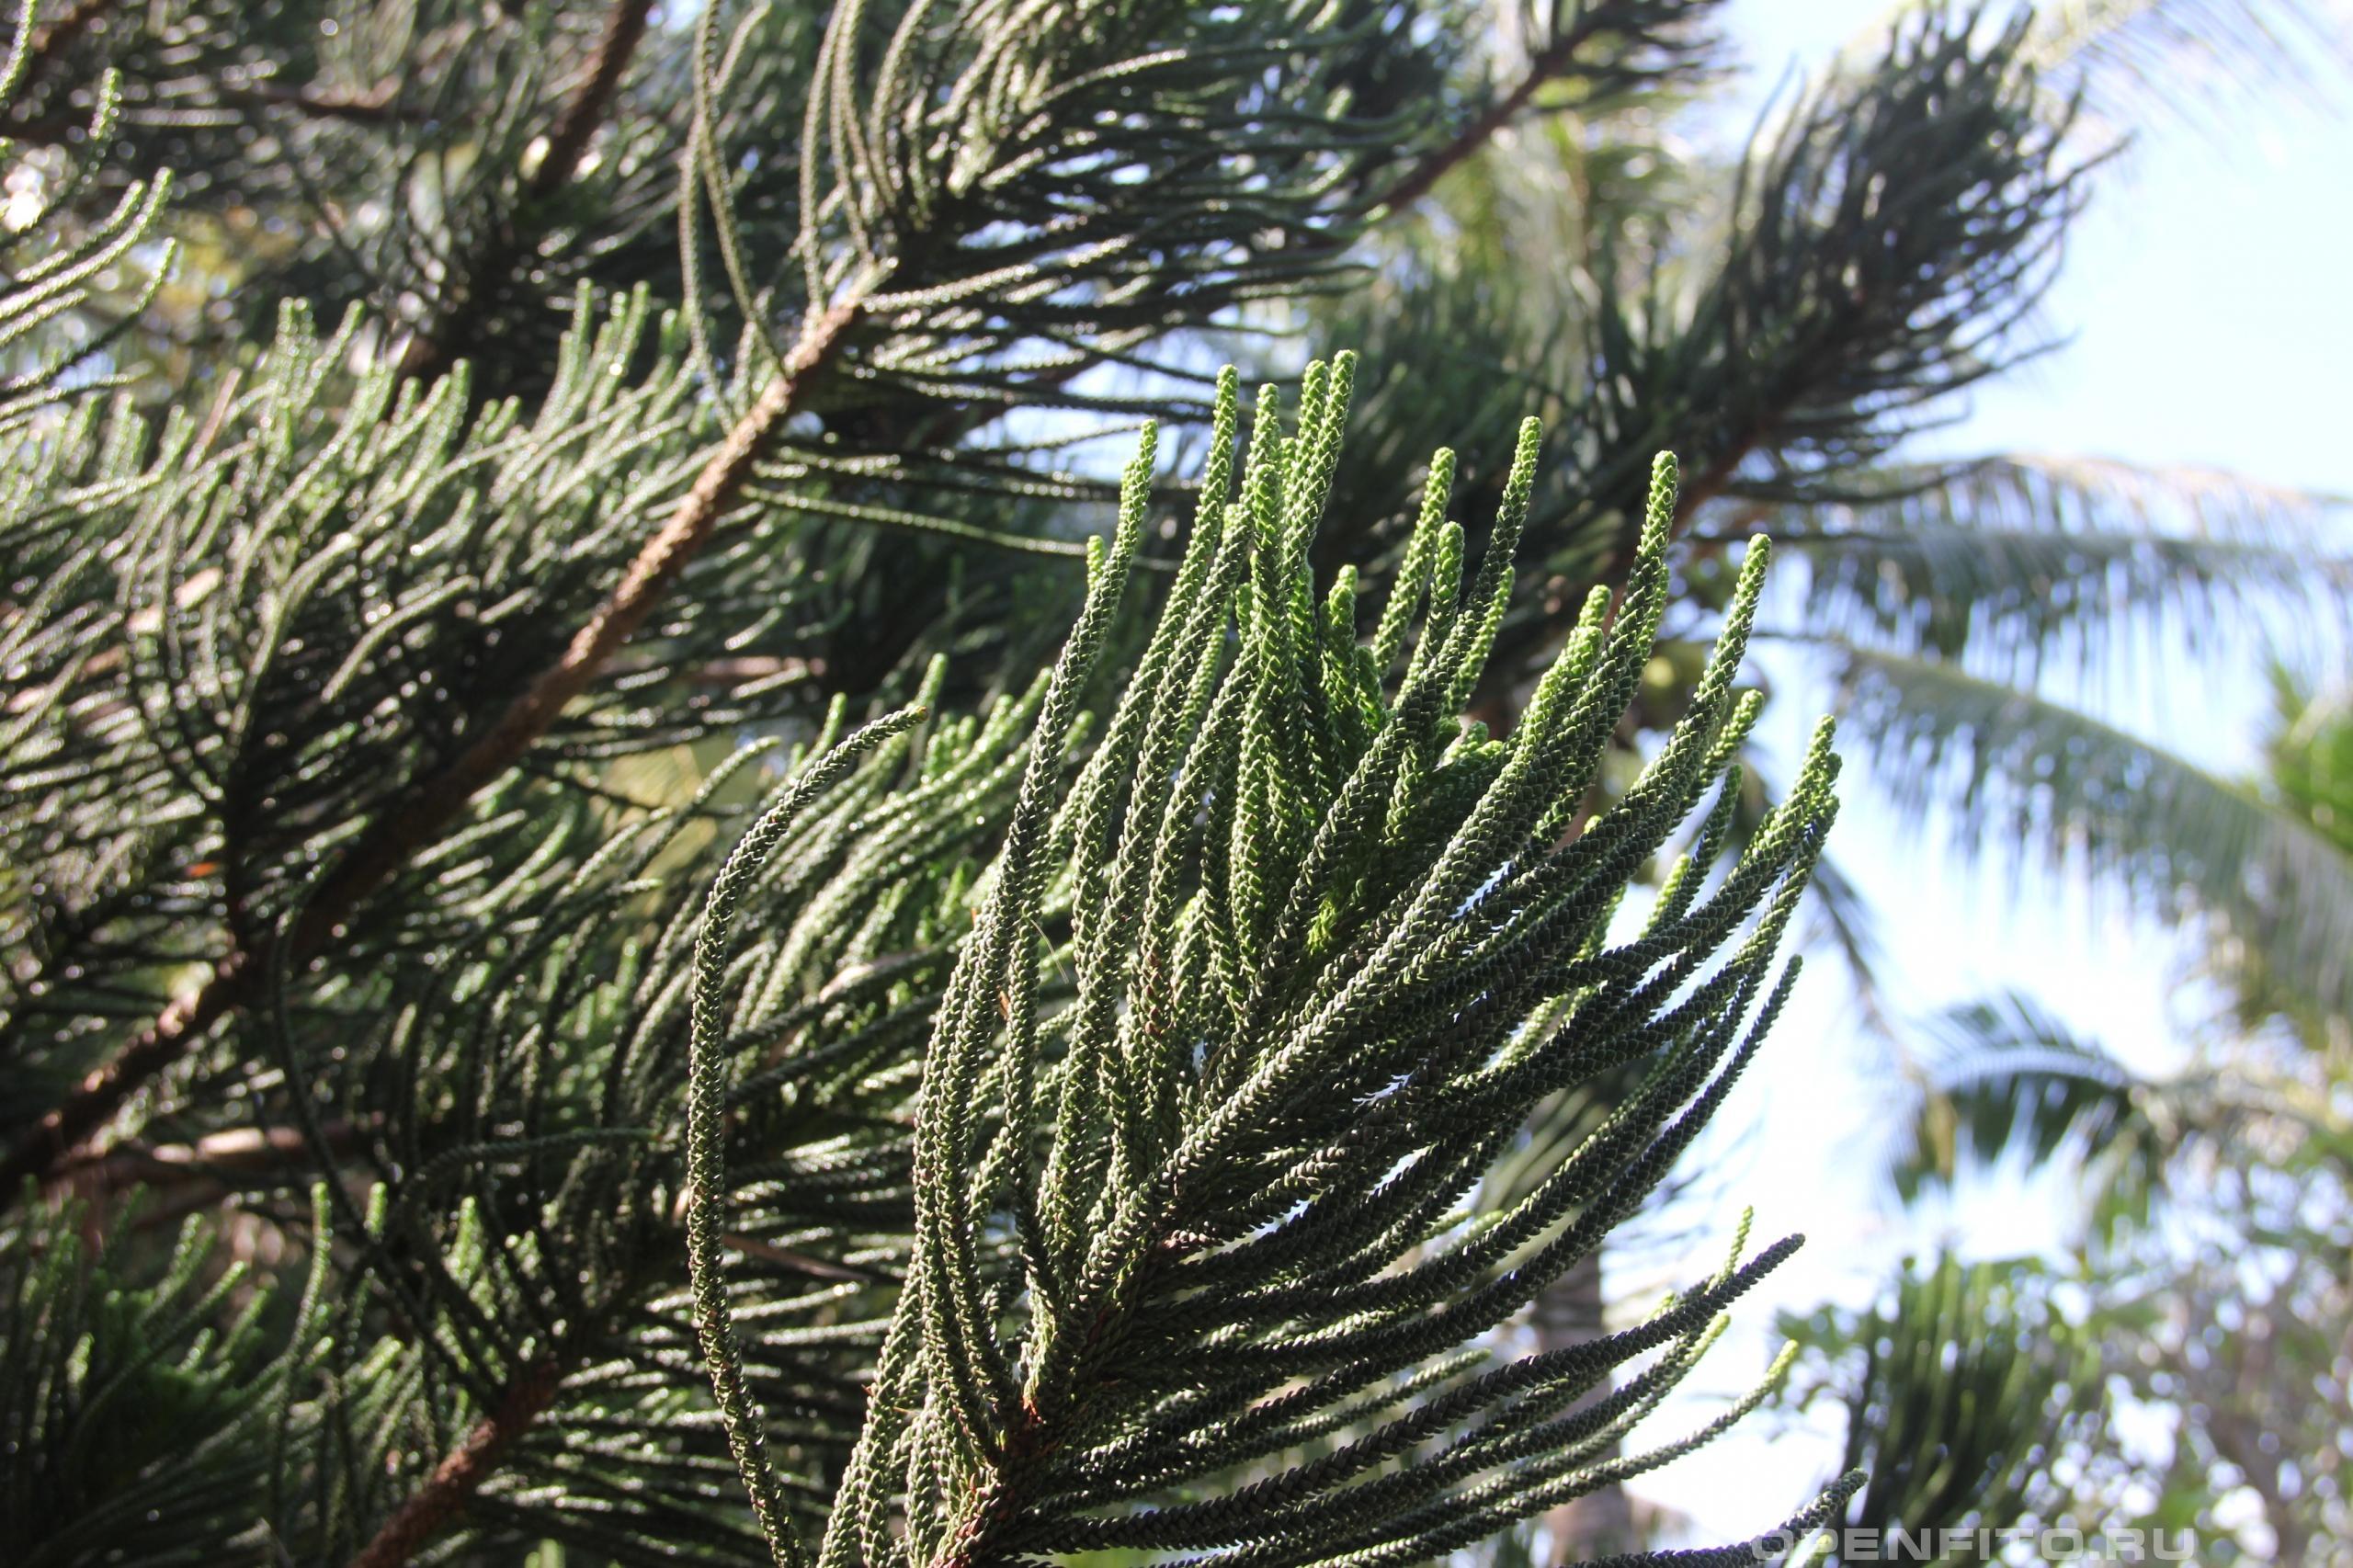 Араукария разнолистная побеги растения